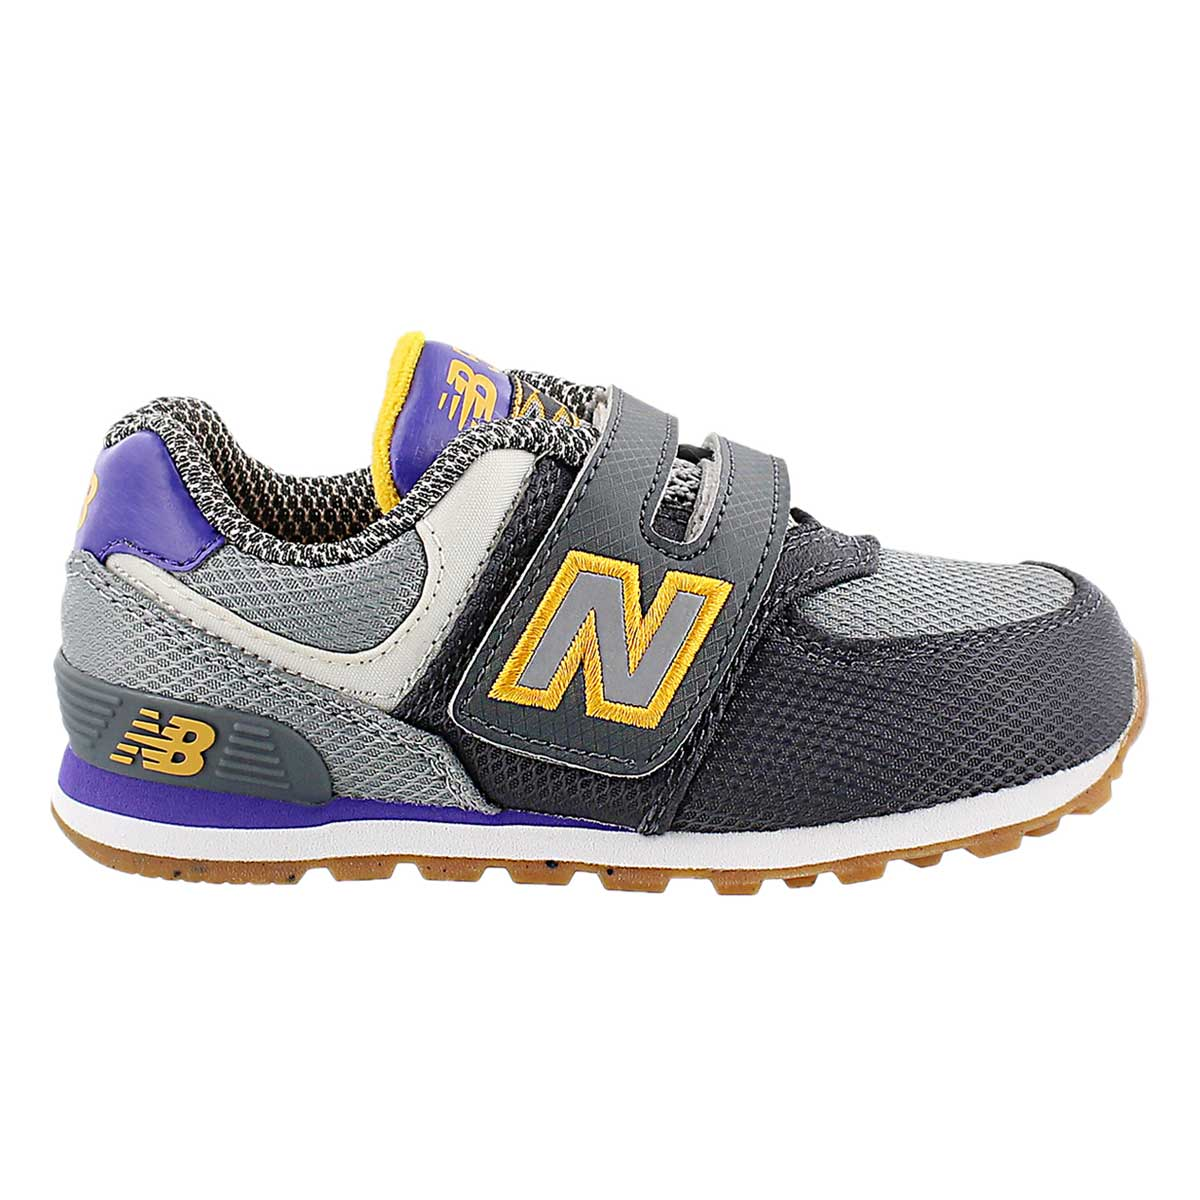 Infs 574 gry/ppl hook & loop sneaker